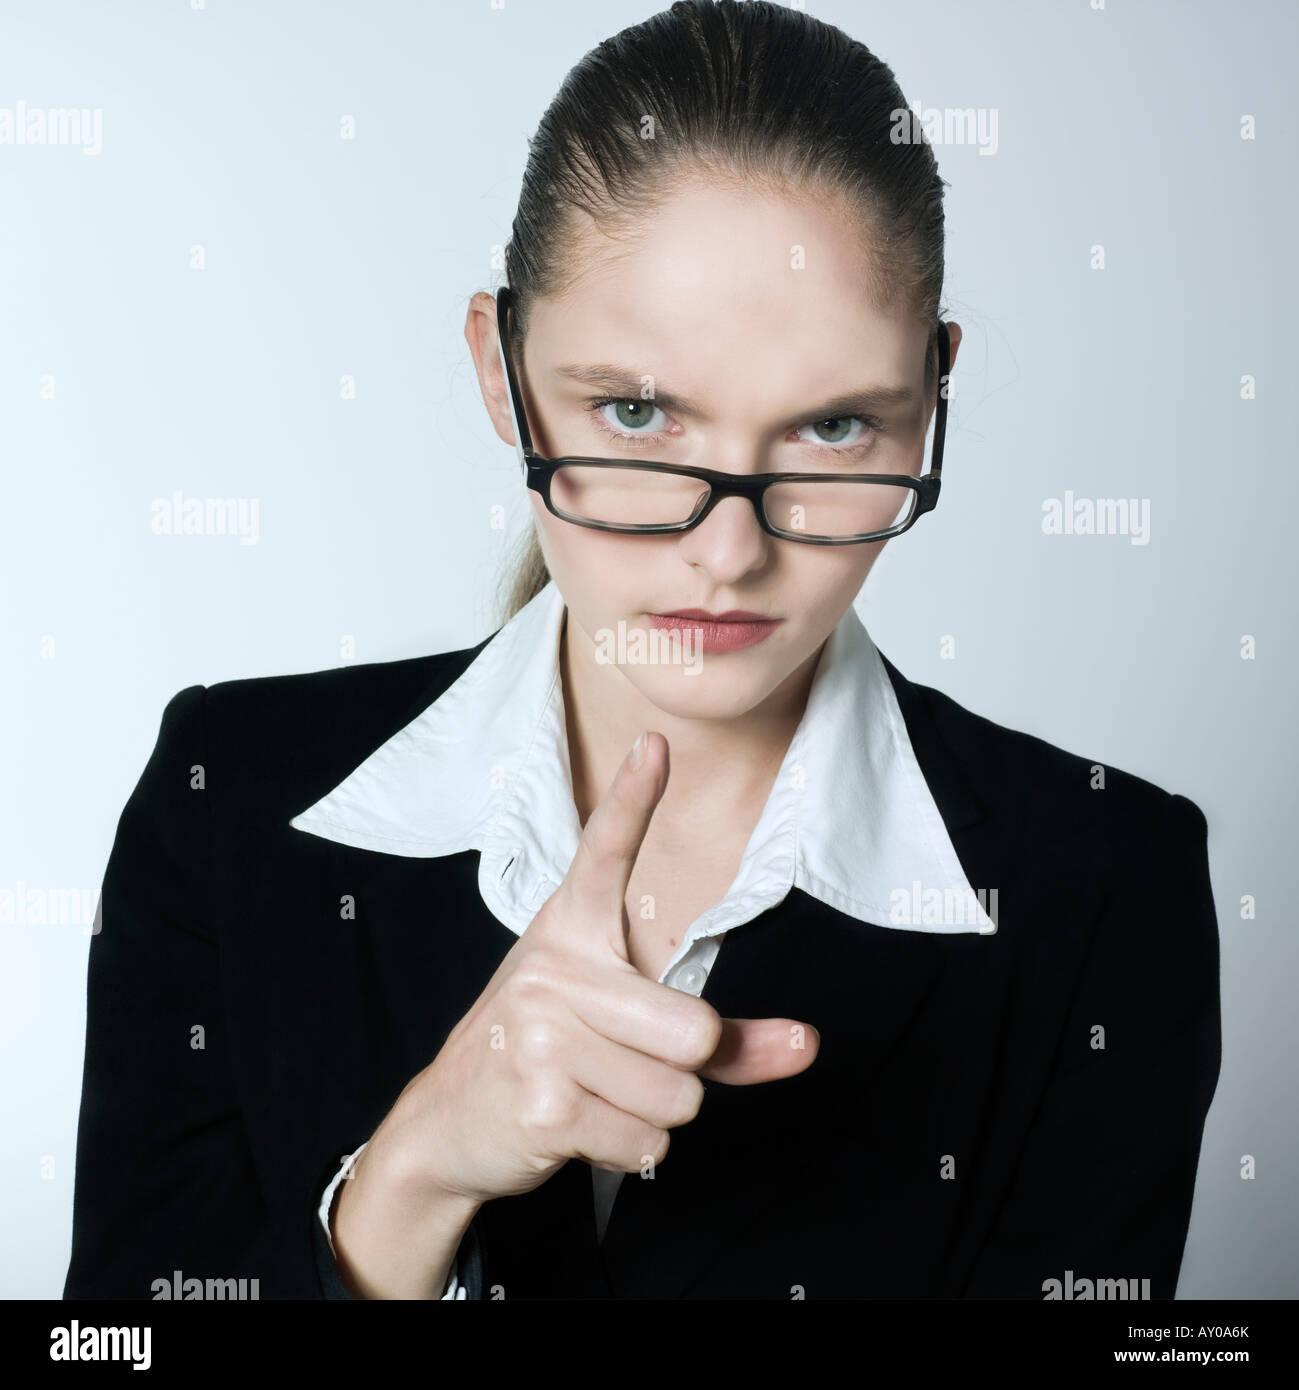 Foto de estudio retrato de una joven y hermosa mujer estricta en un traje traje Imagen De Stock